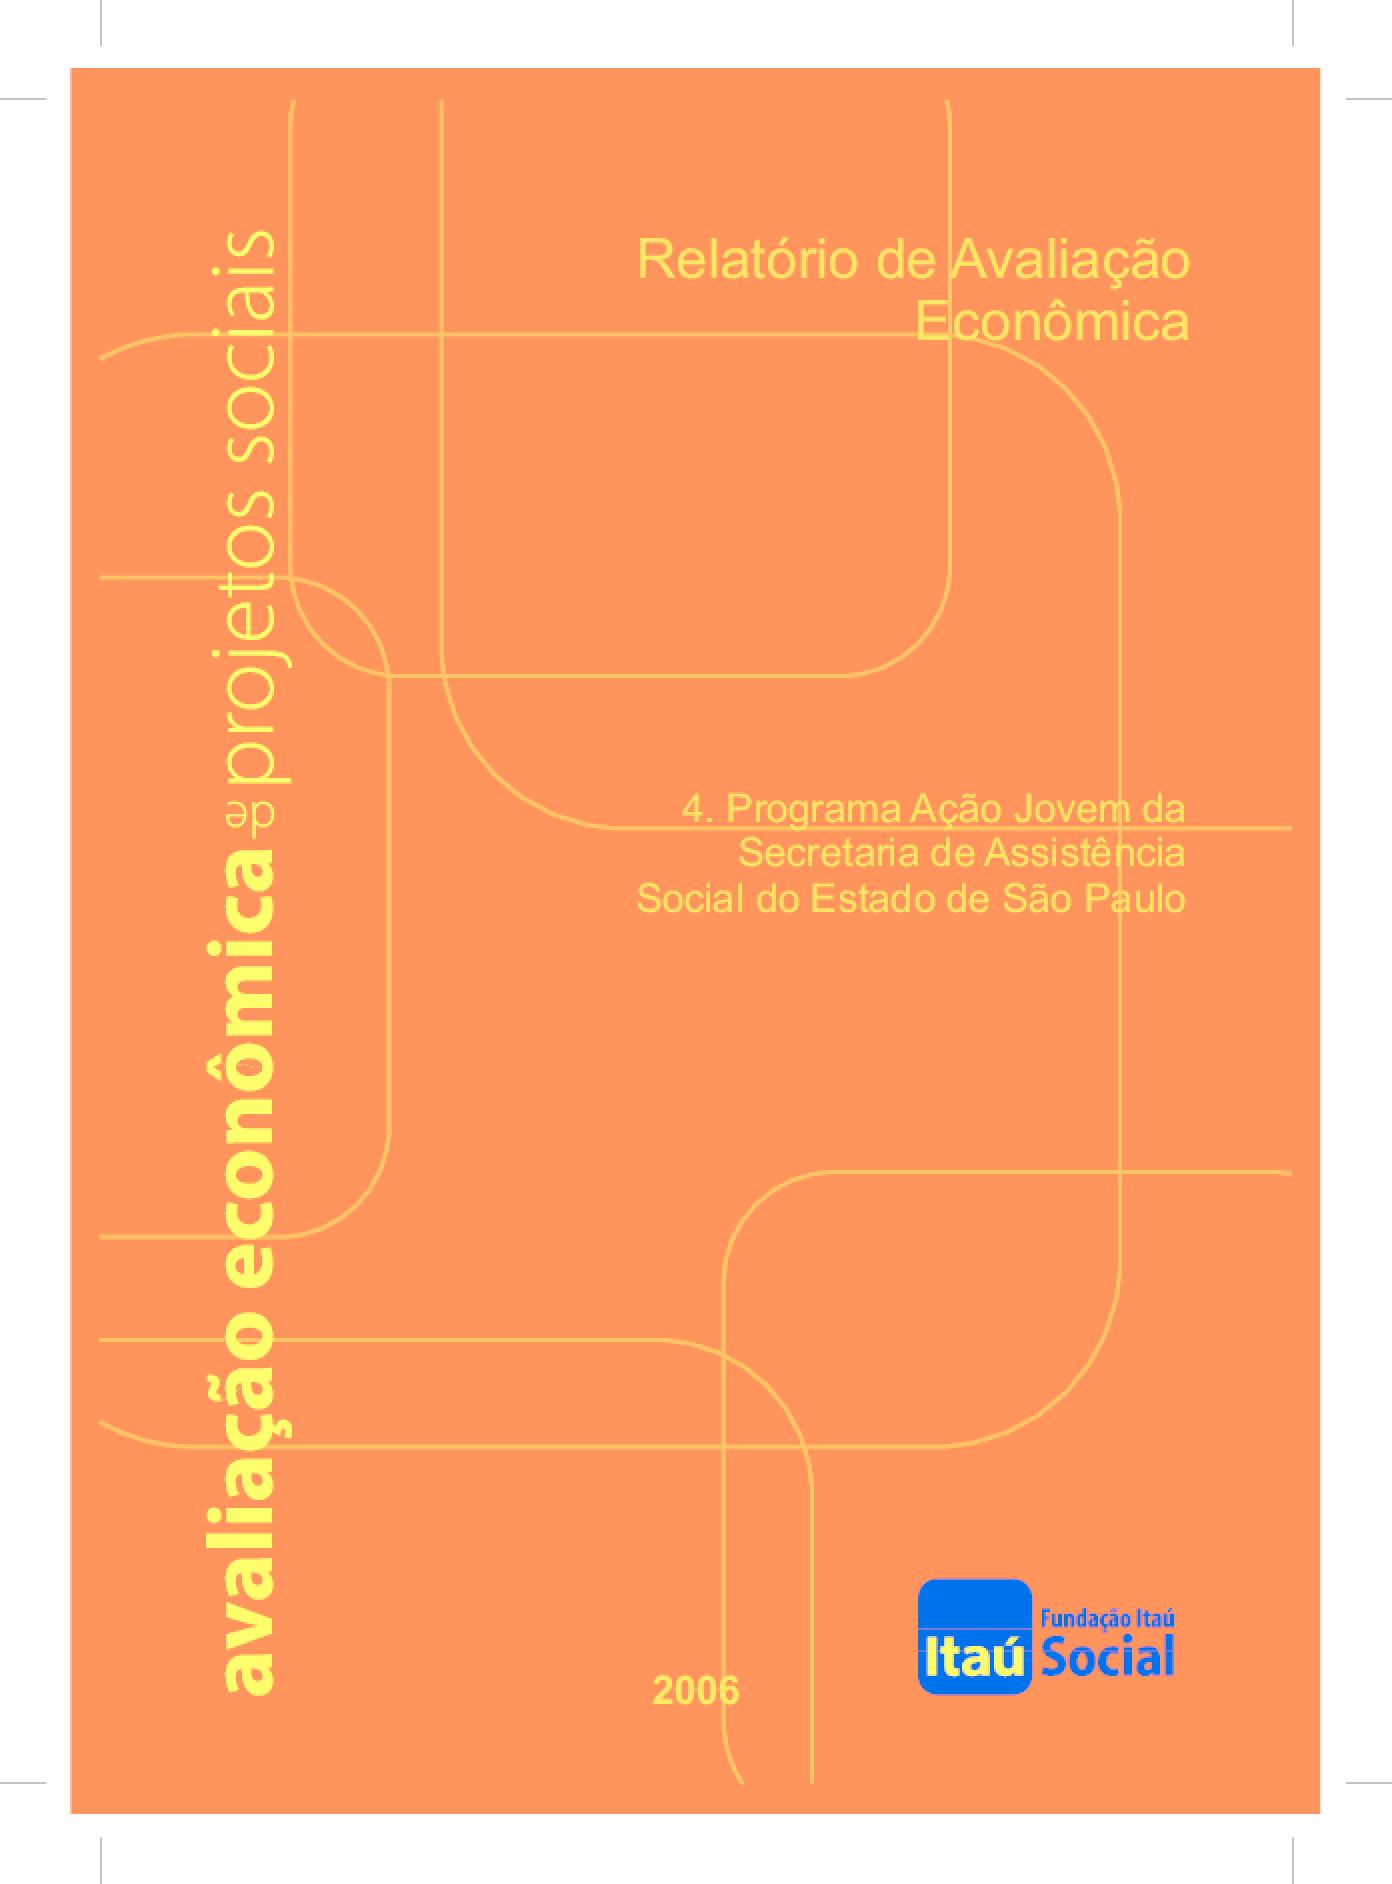 Relatório de avaliação econômica - programa Ação jovem da secretaria de assistência social de São Paulo